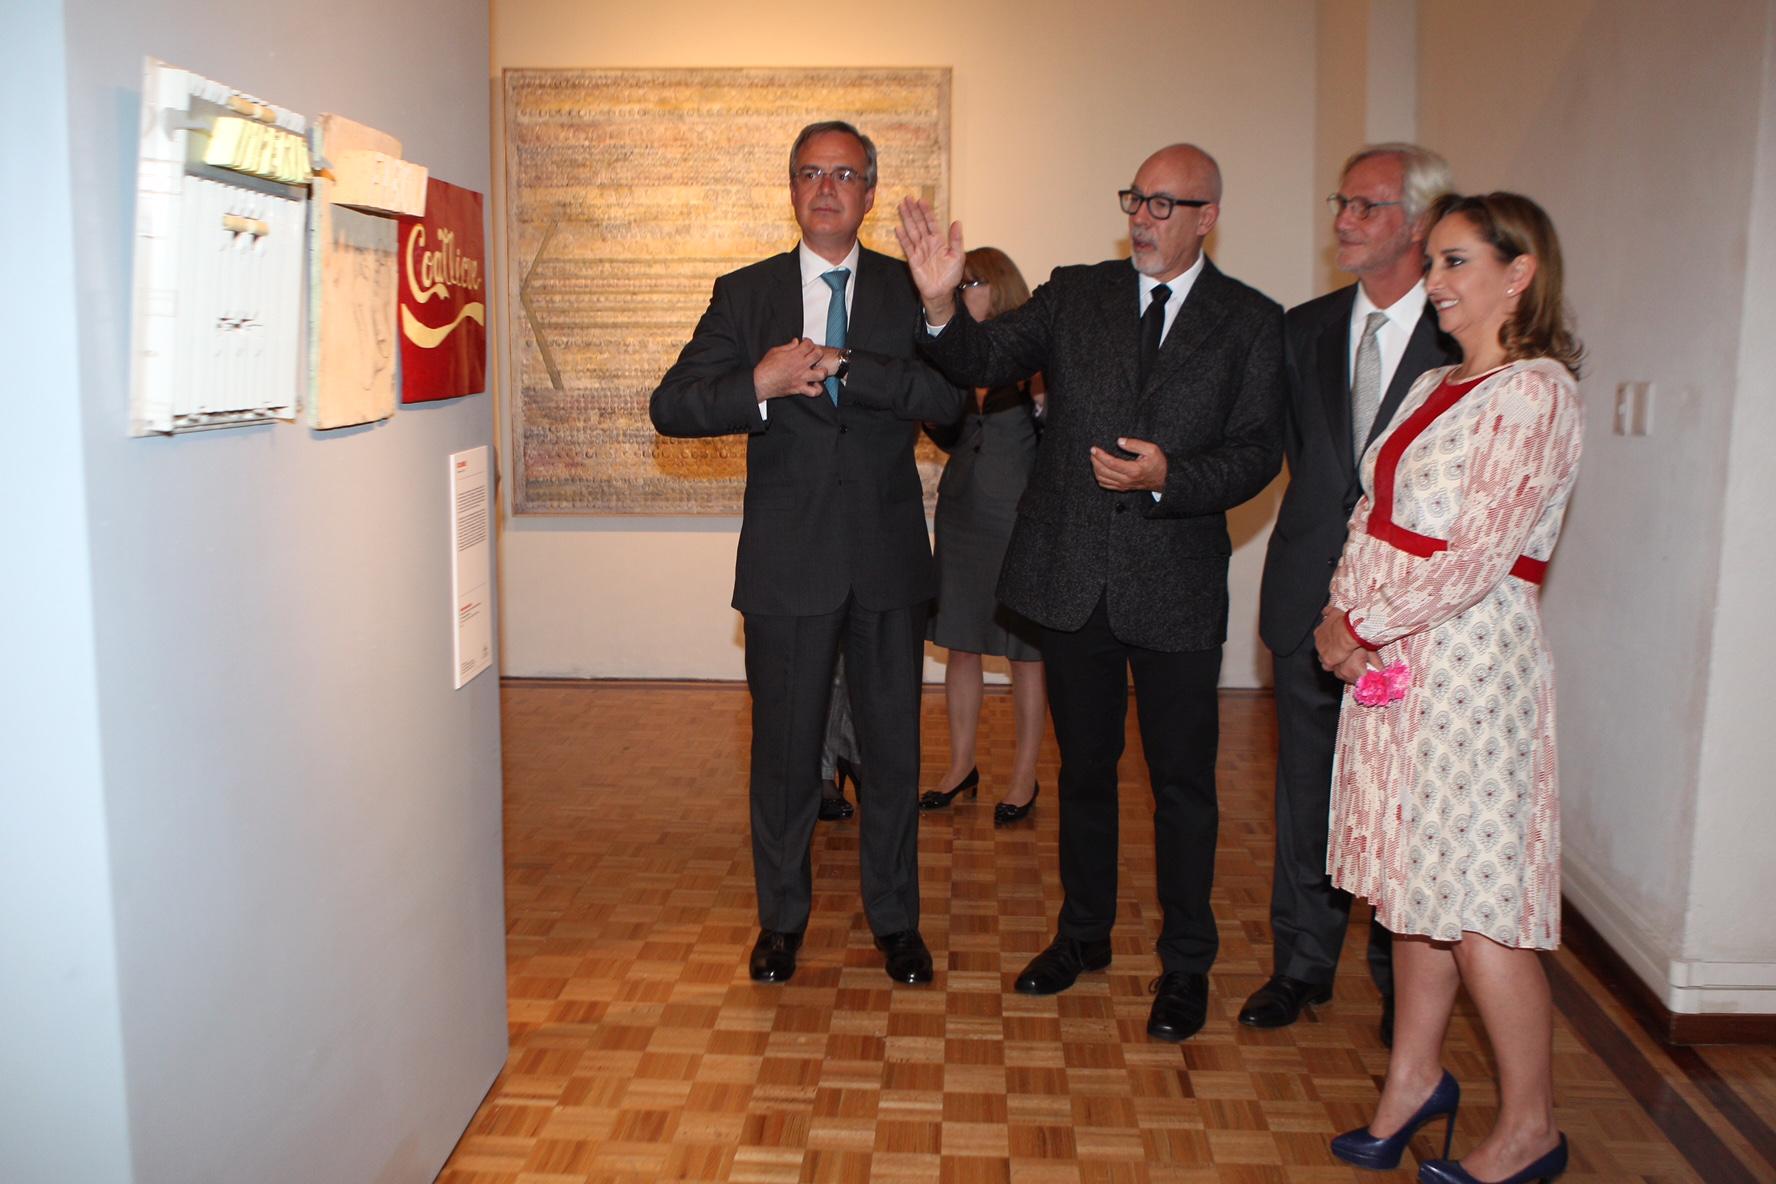 La Secretaria de Relaciones Exteriores (SRE) a través del Instituto Matías Romero y el Museo de la Cancillería presentan la exposición colectiva Afinidades/Discordancias, conformada por 55 renombrados artistas.